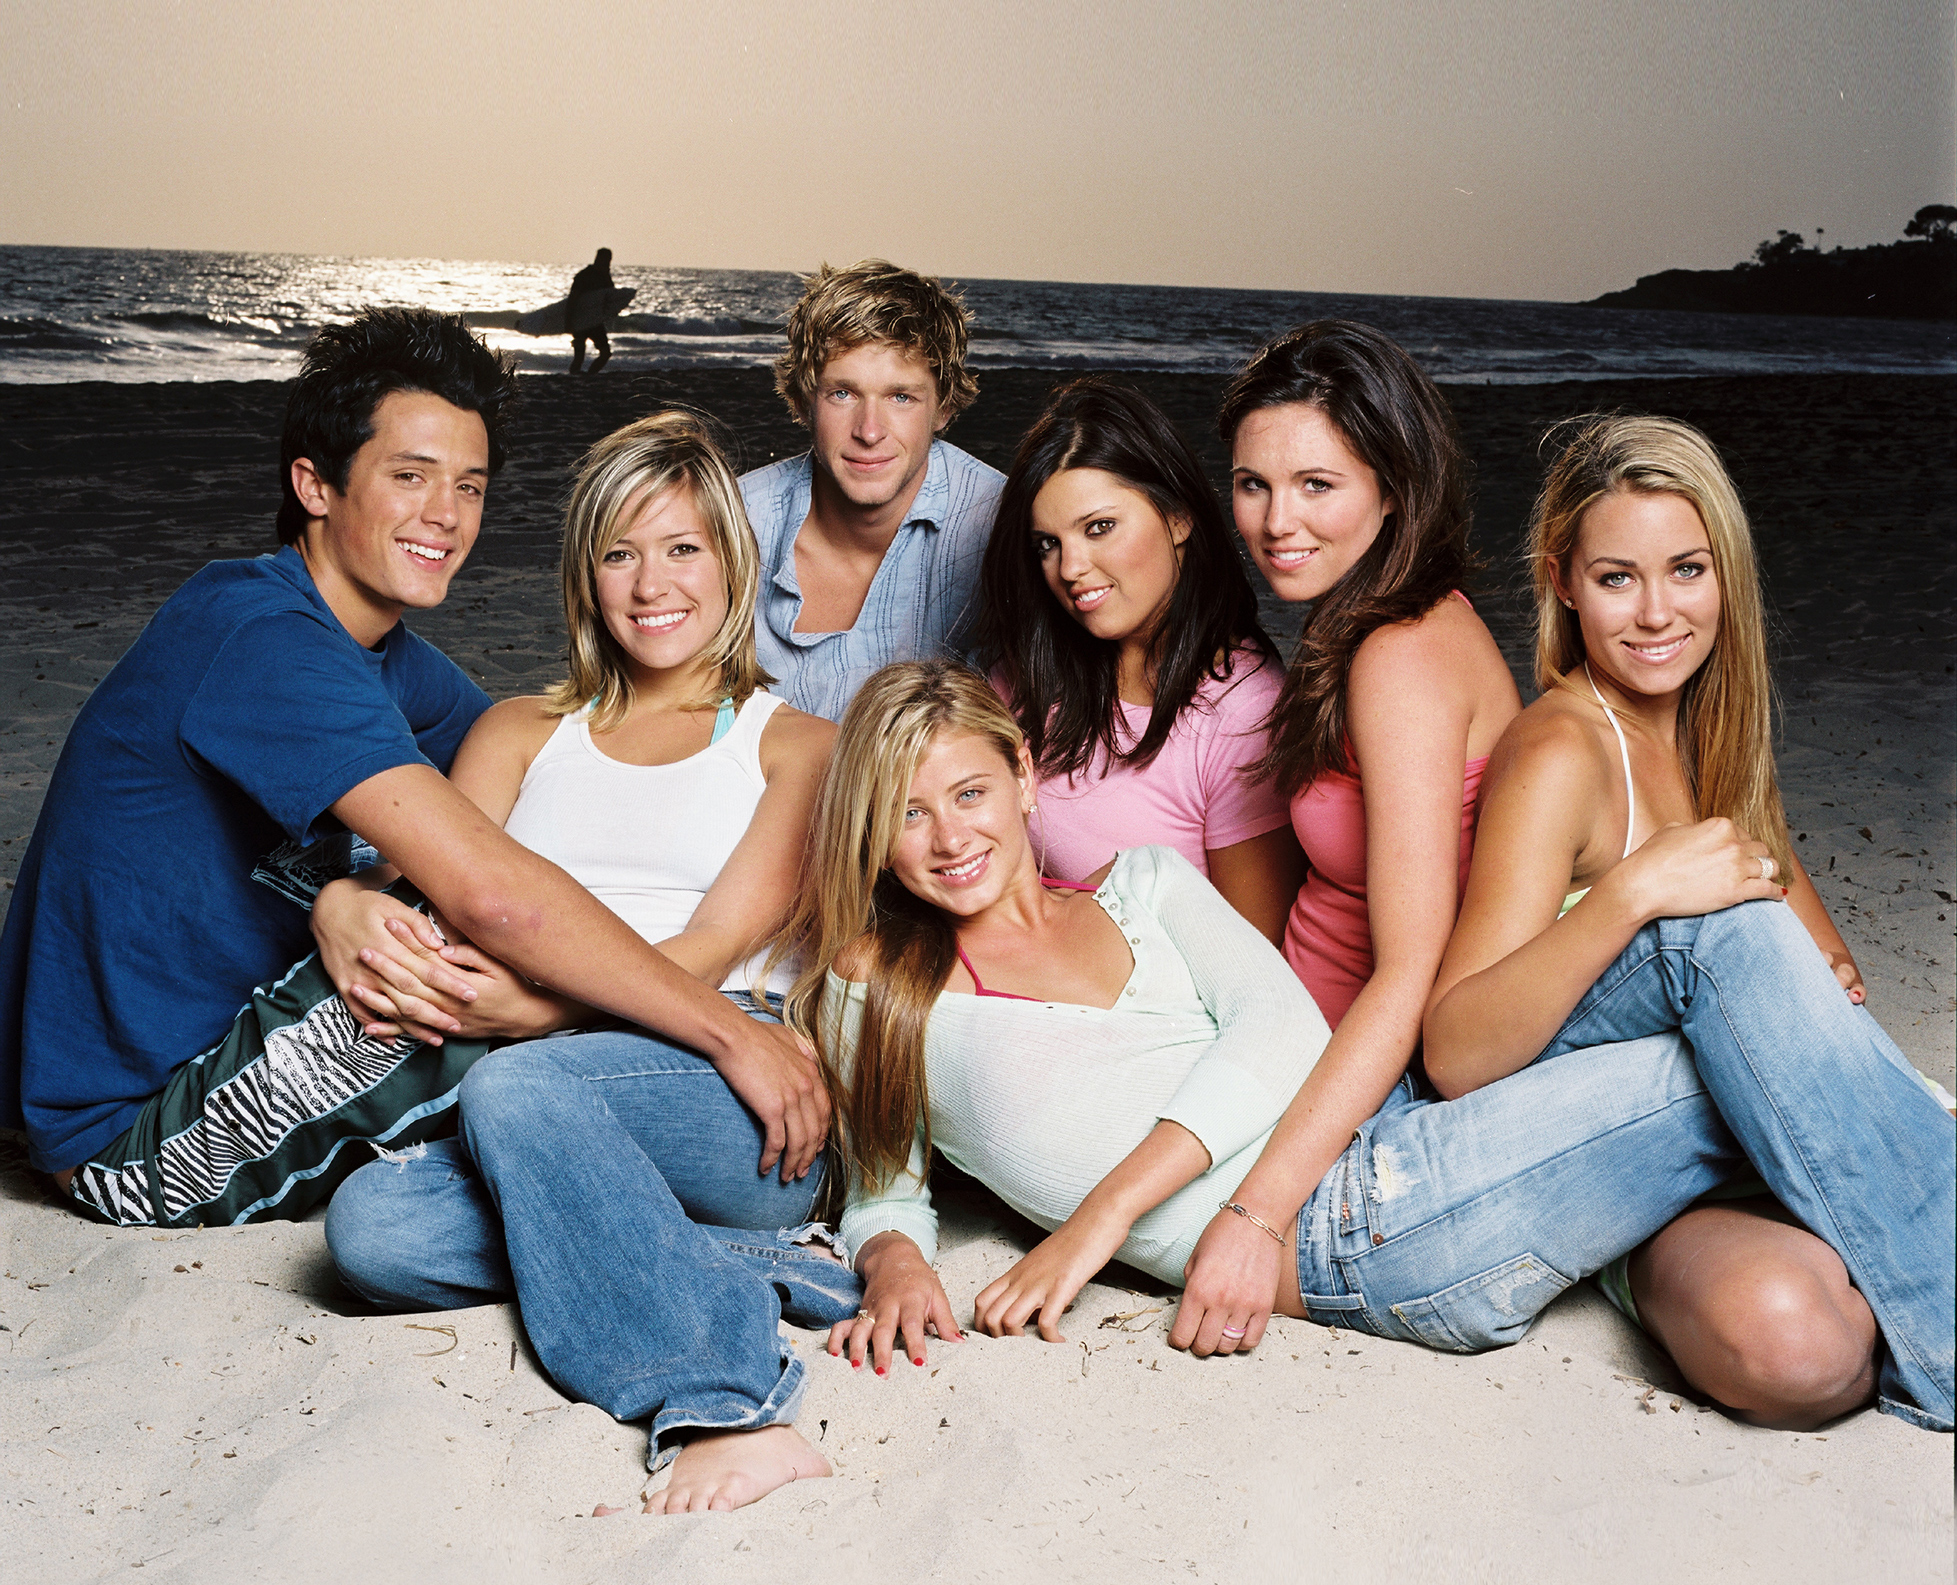 Laguna Beach Cast Where Are They Now